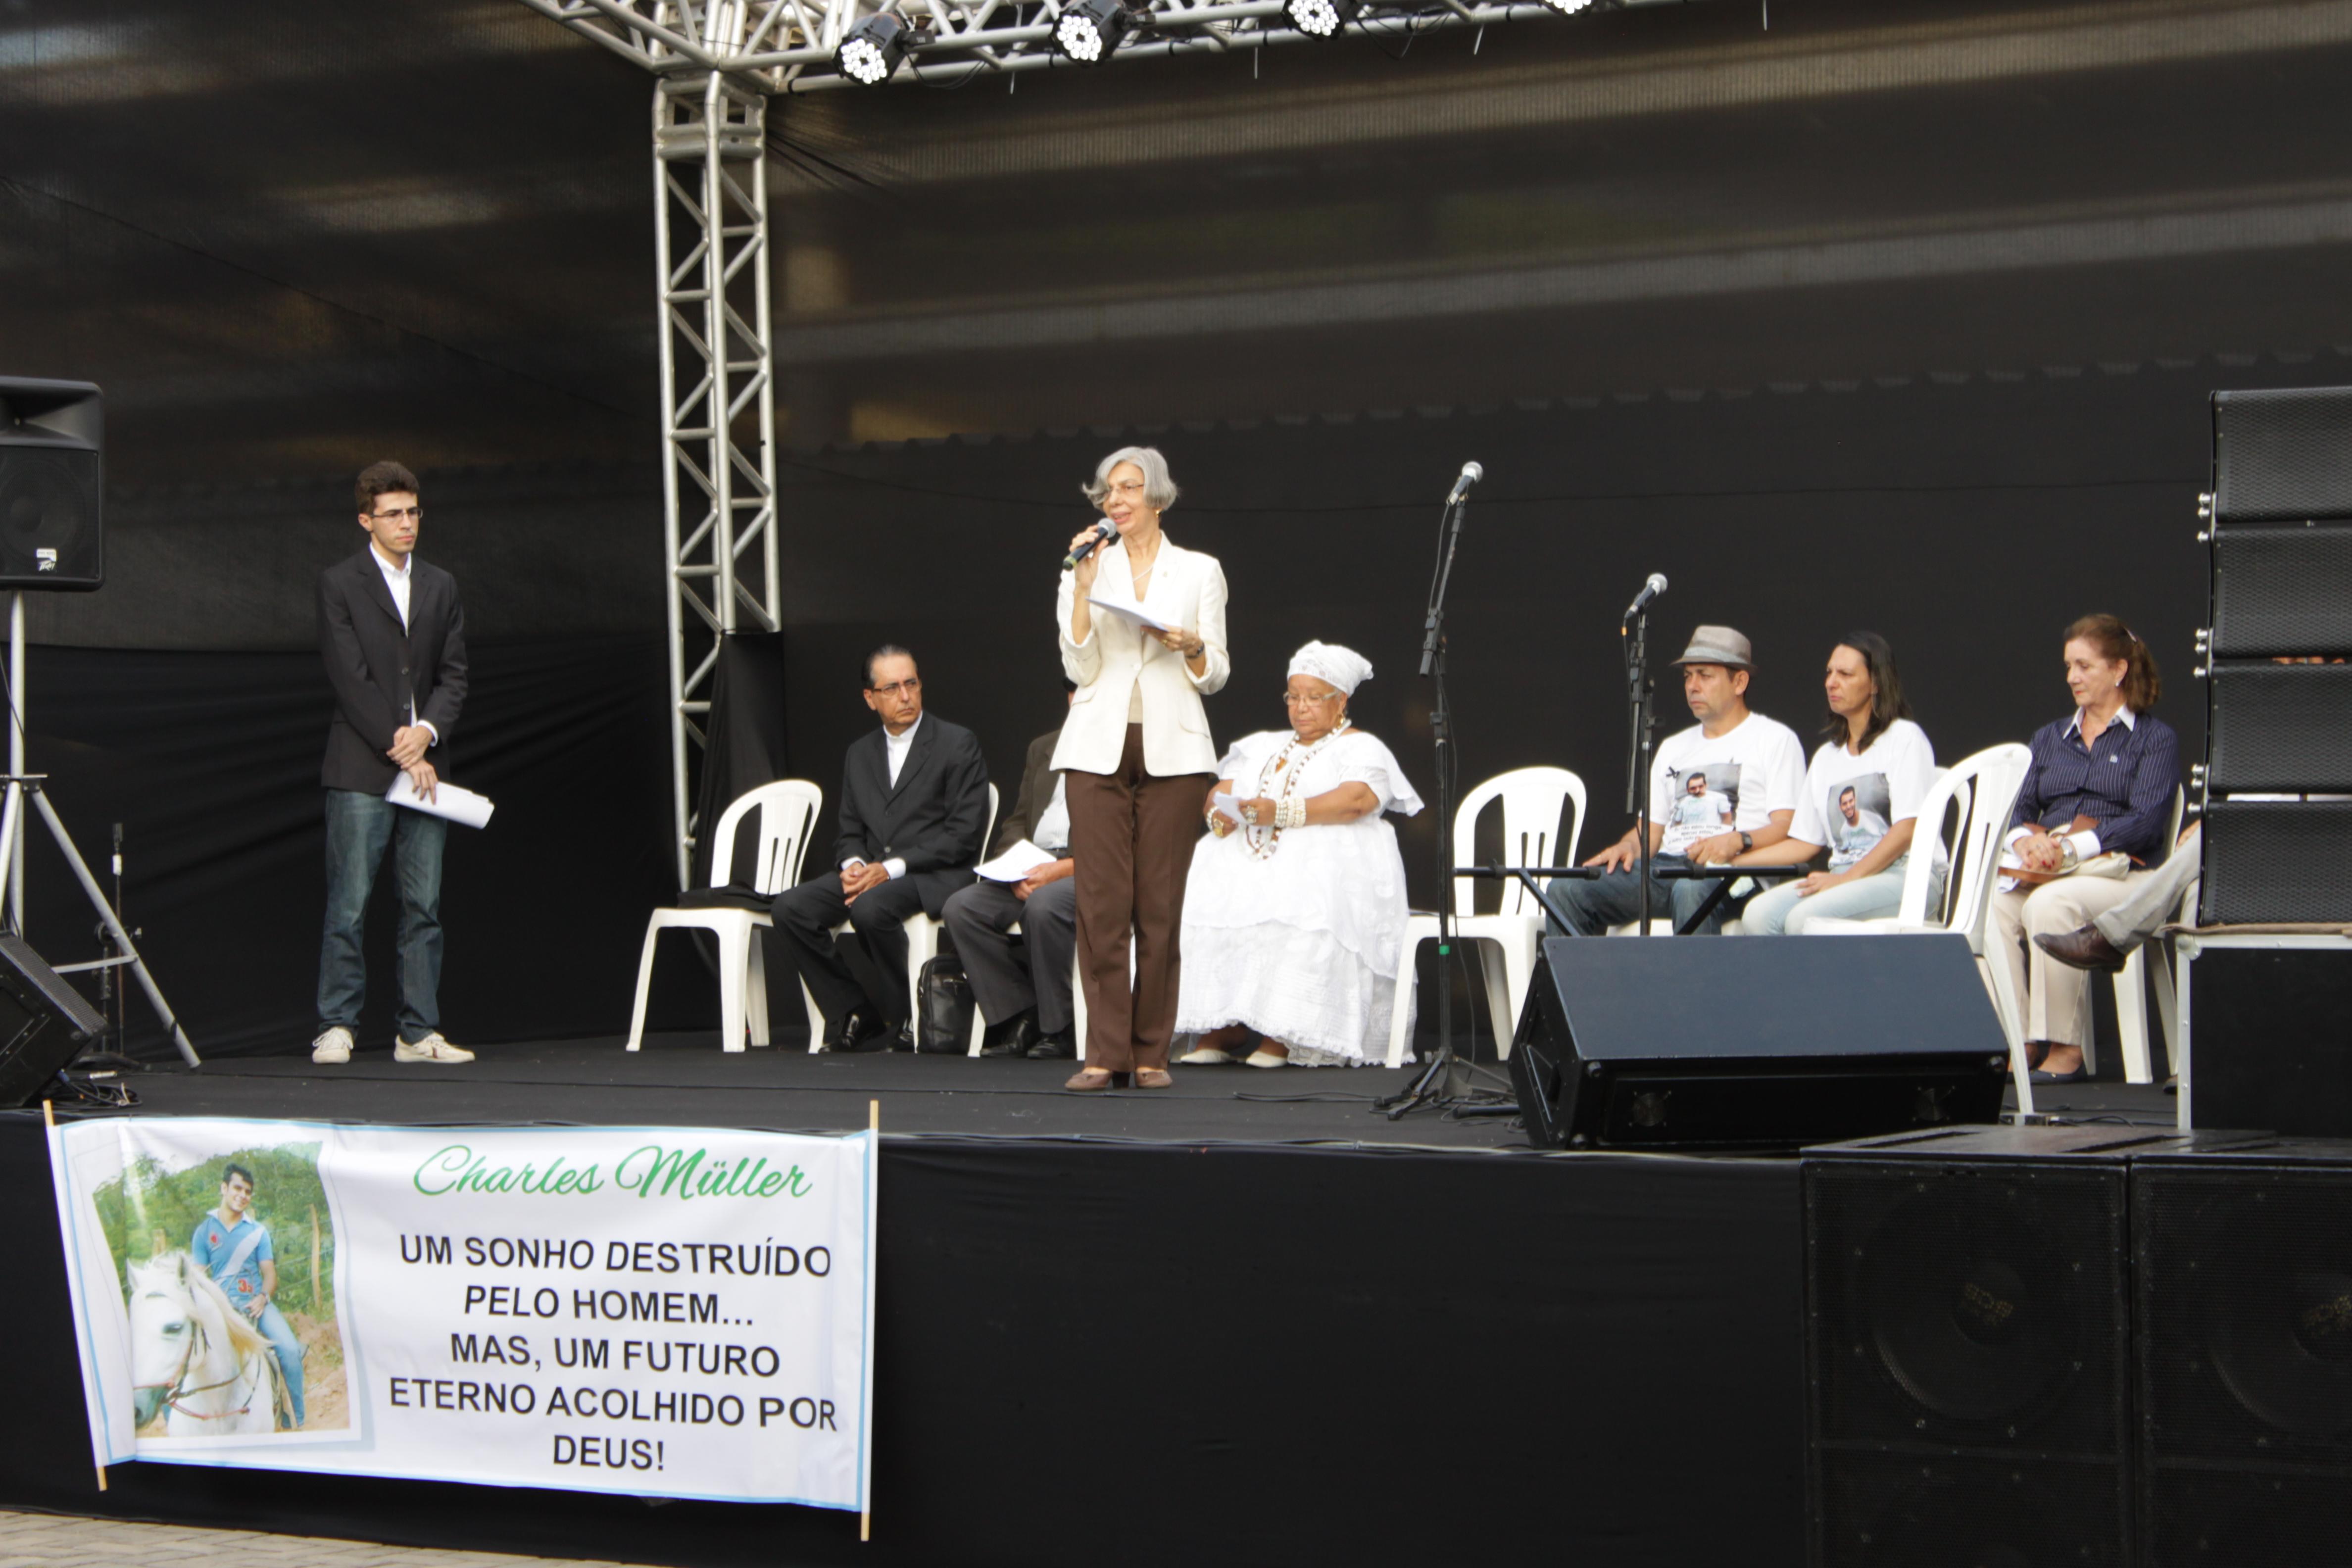 Reitora Dora Leal Rosa se pronuncia em culto ecumênico (Foto: Nadia Moragas/Proext)